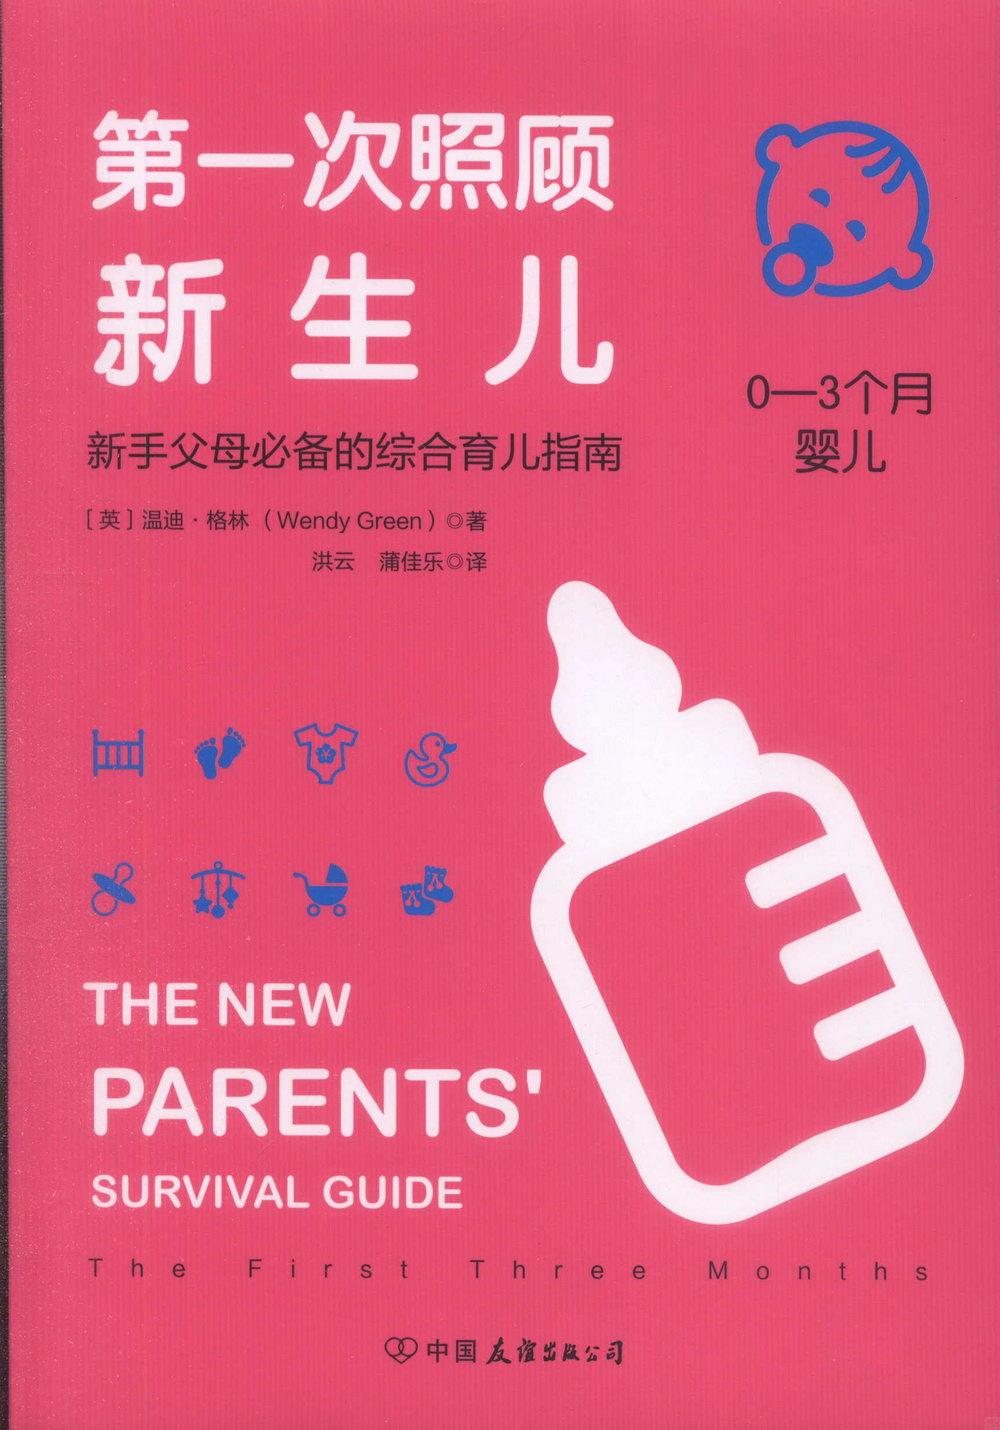 第一次照顧新生兒:新手父母 的綜合育兒指南 0~3個月嬰兒